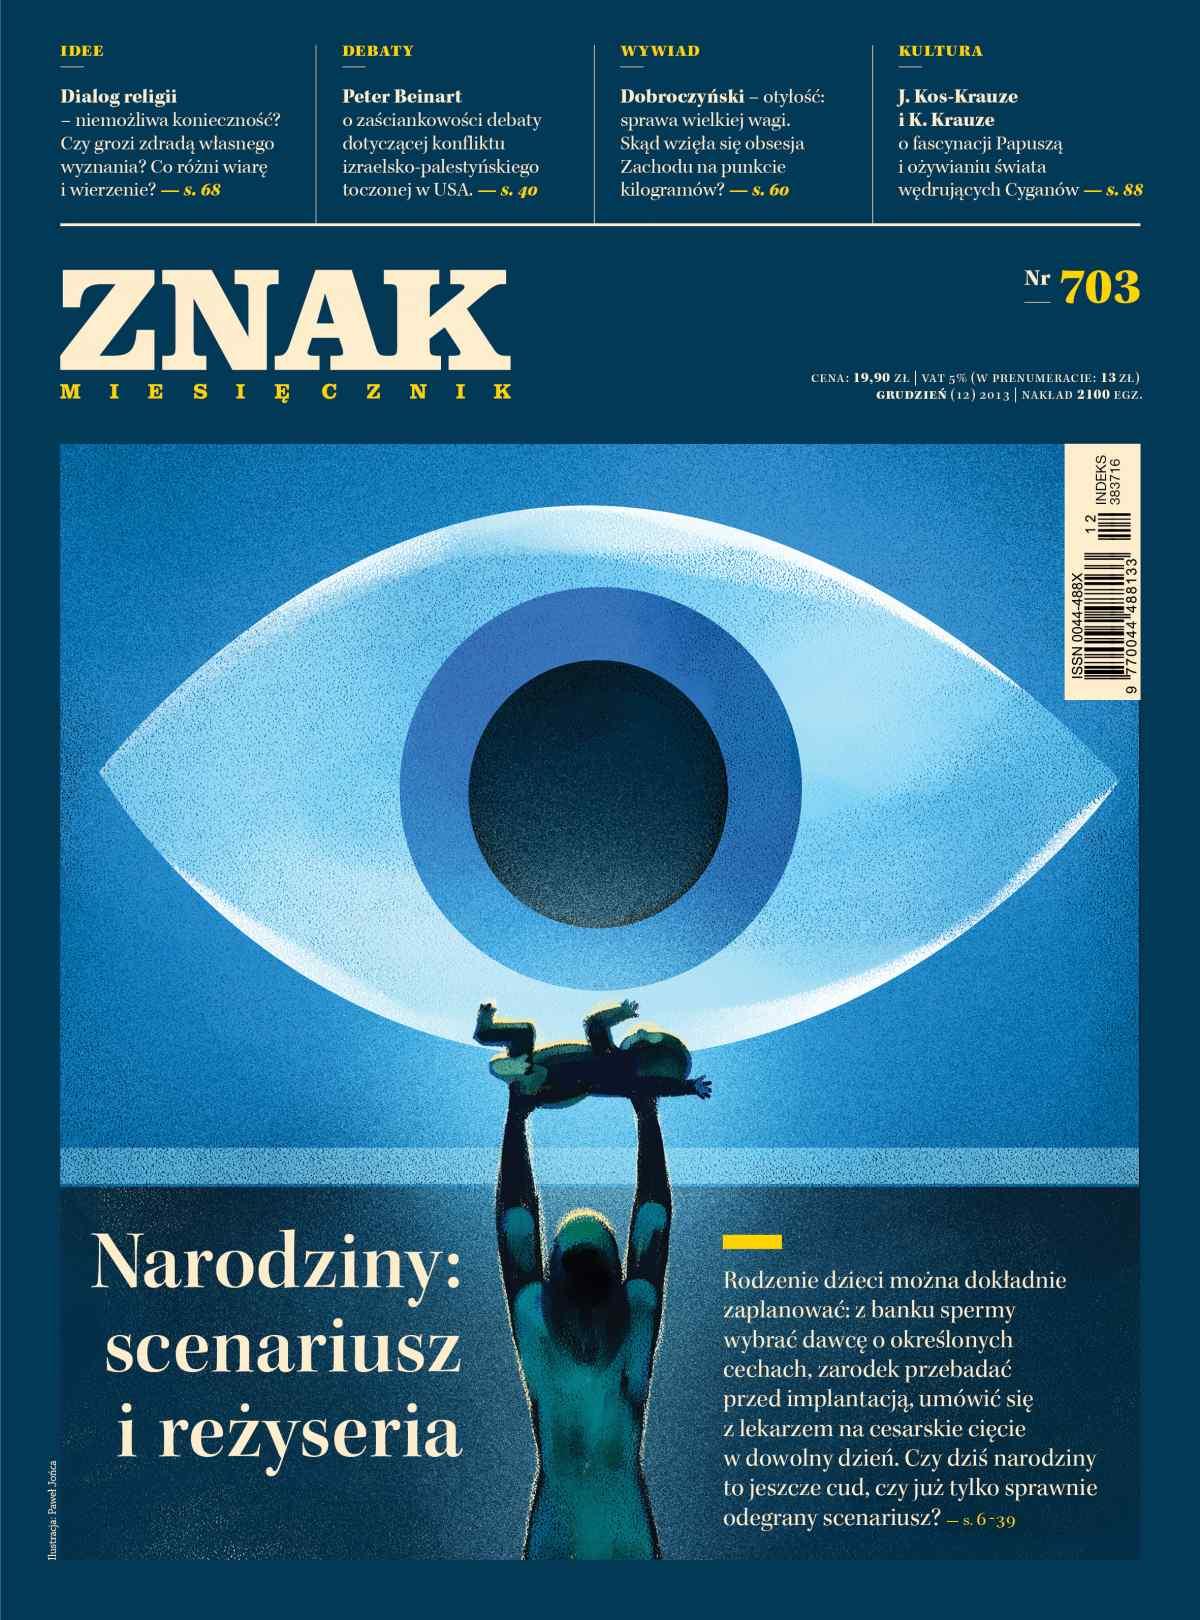 Miesięcznik Znak. Grudzień 2013 - Ebook (Książka EPUB) do pobrania w formacie EPUB